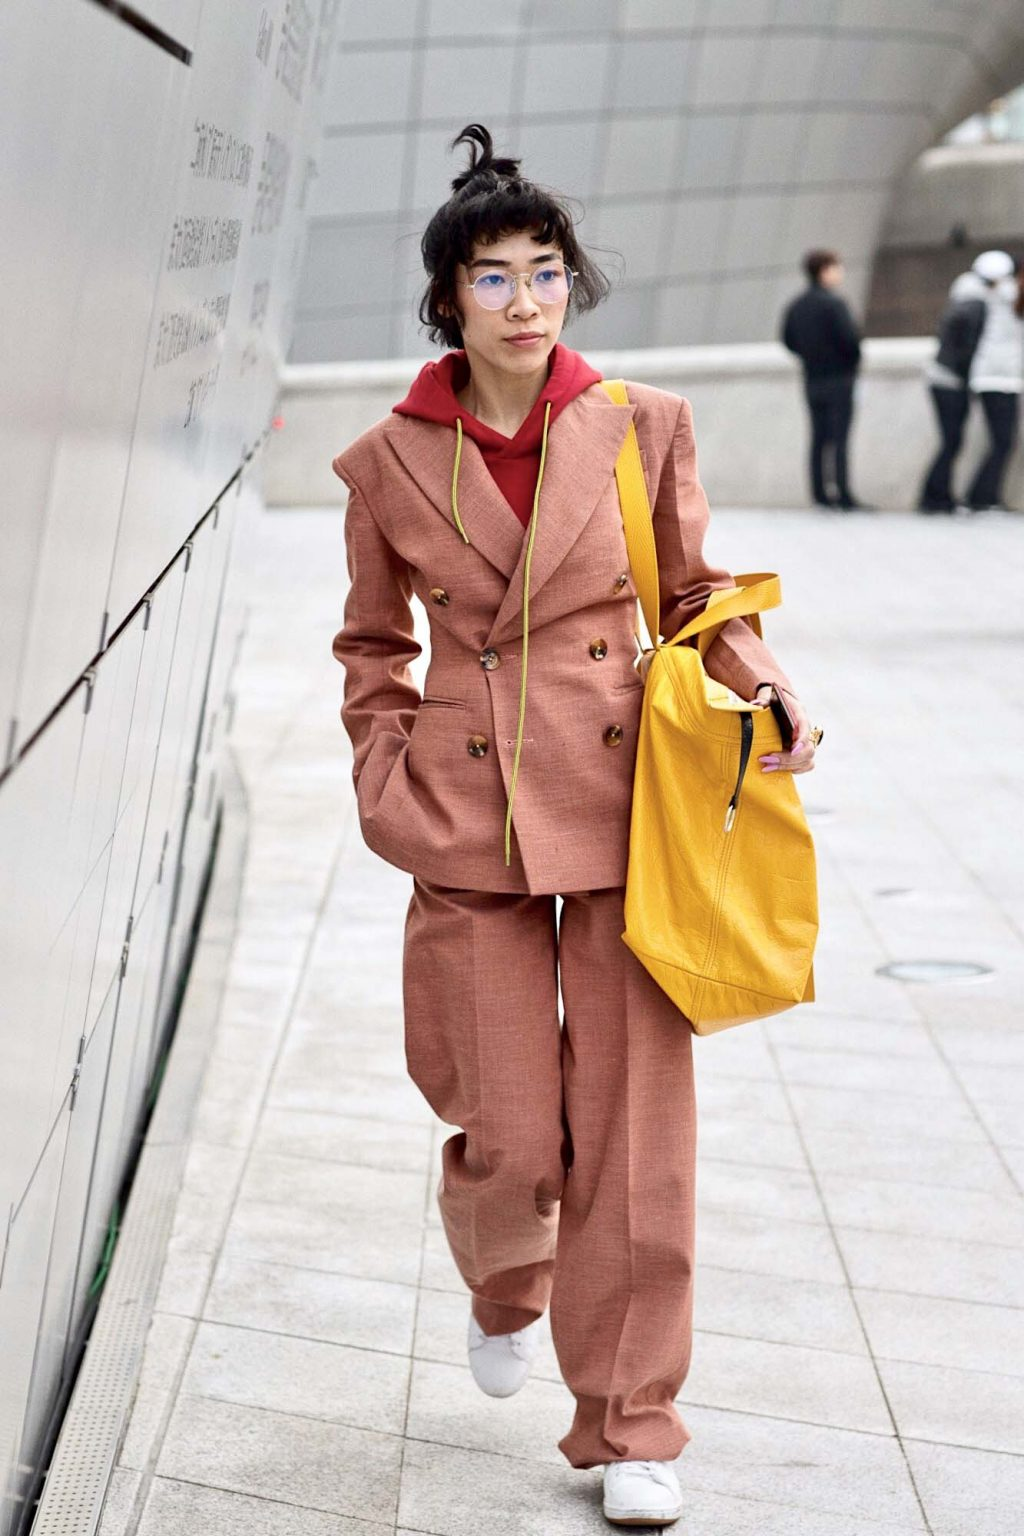 Tuần lễ thời trang Seoul – Mảnh đất mới của fashionista Việt